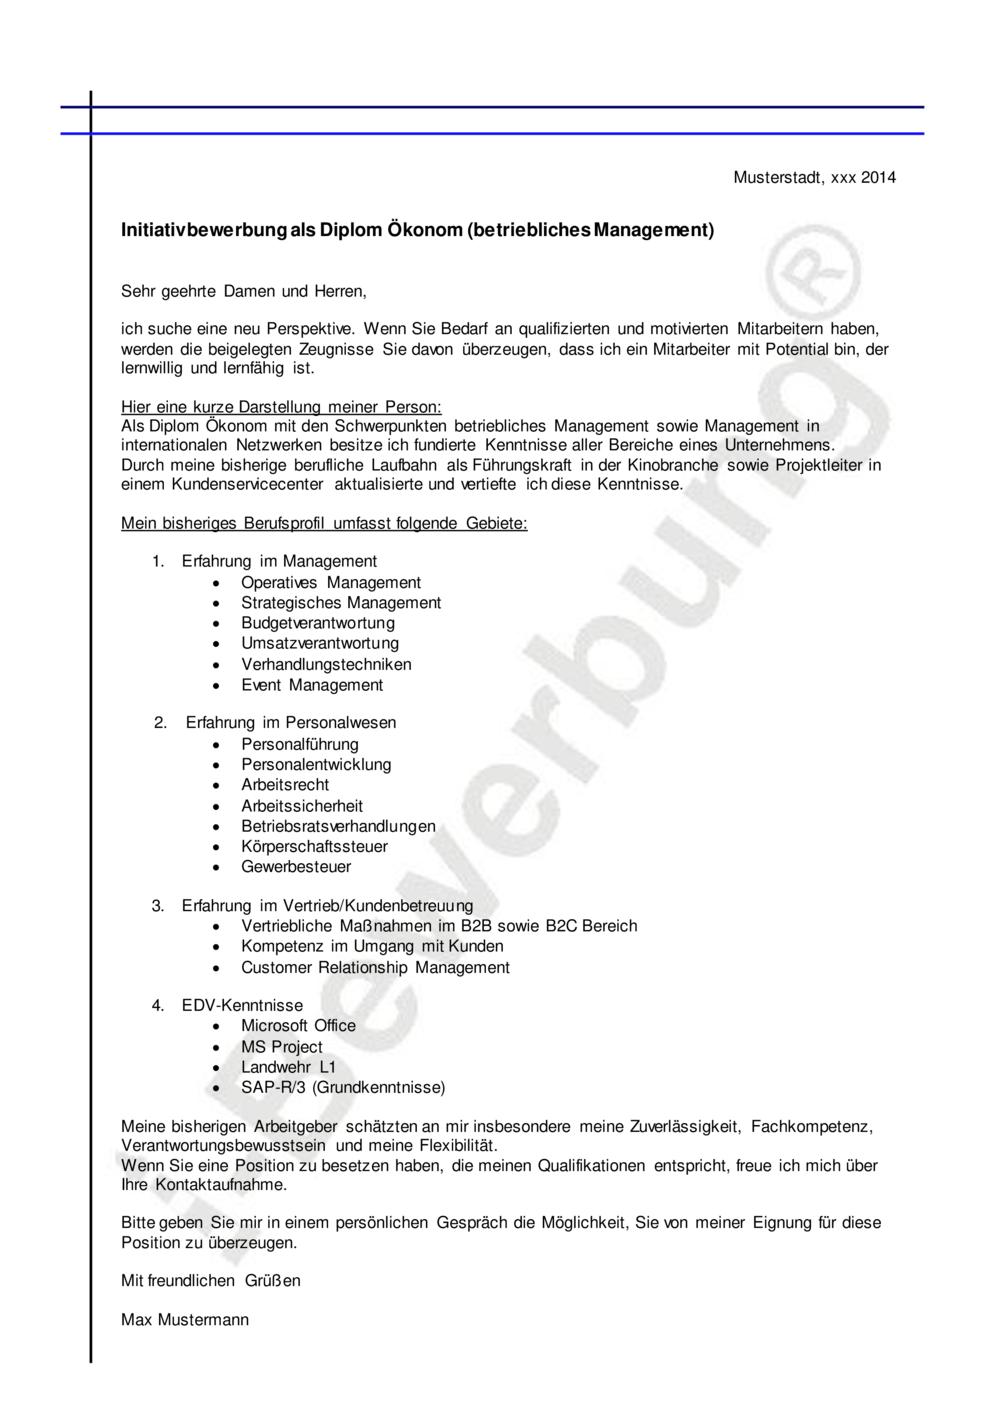 Muster Anschreiben Betriebliches Management